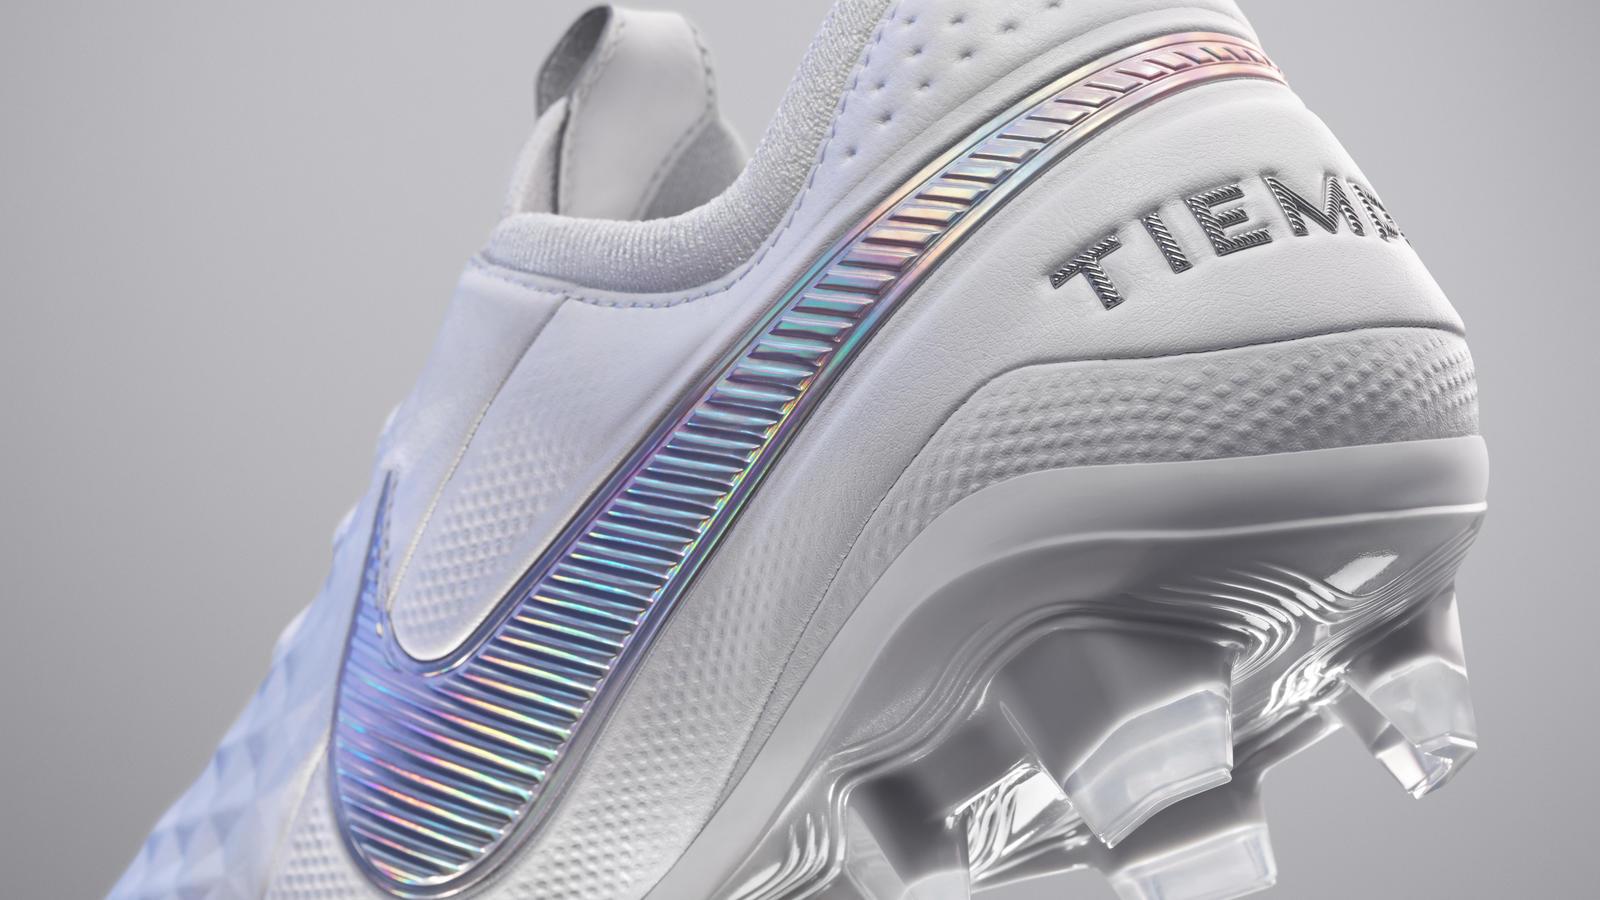 Sótano empieza la acción Corbata  Nike Tiempo Legend 8 Official Images and Release Info - Nike News